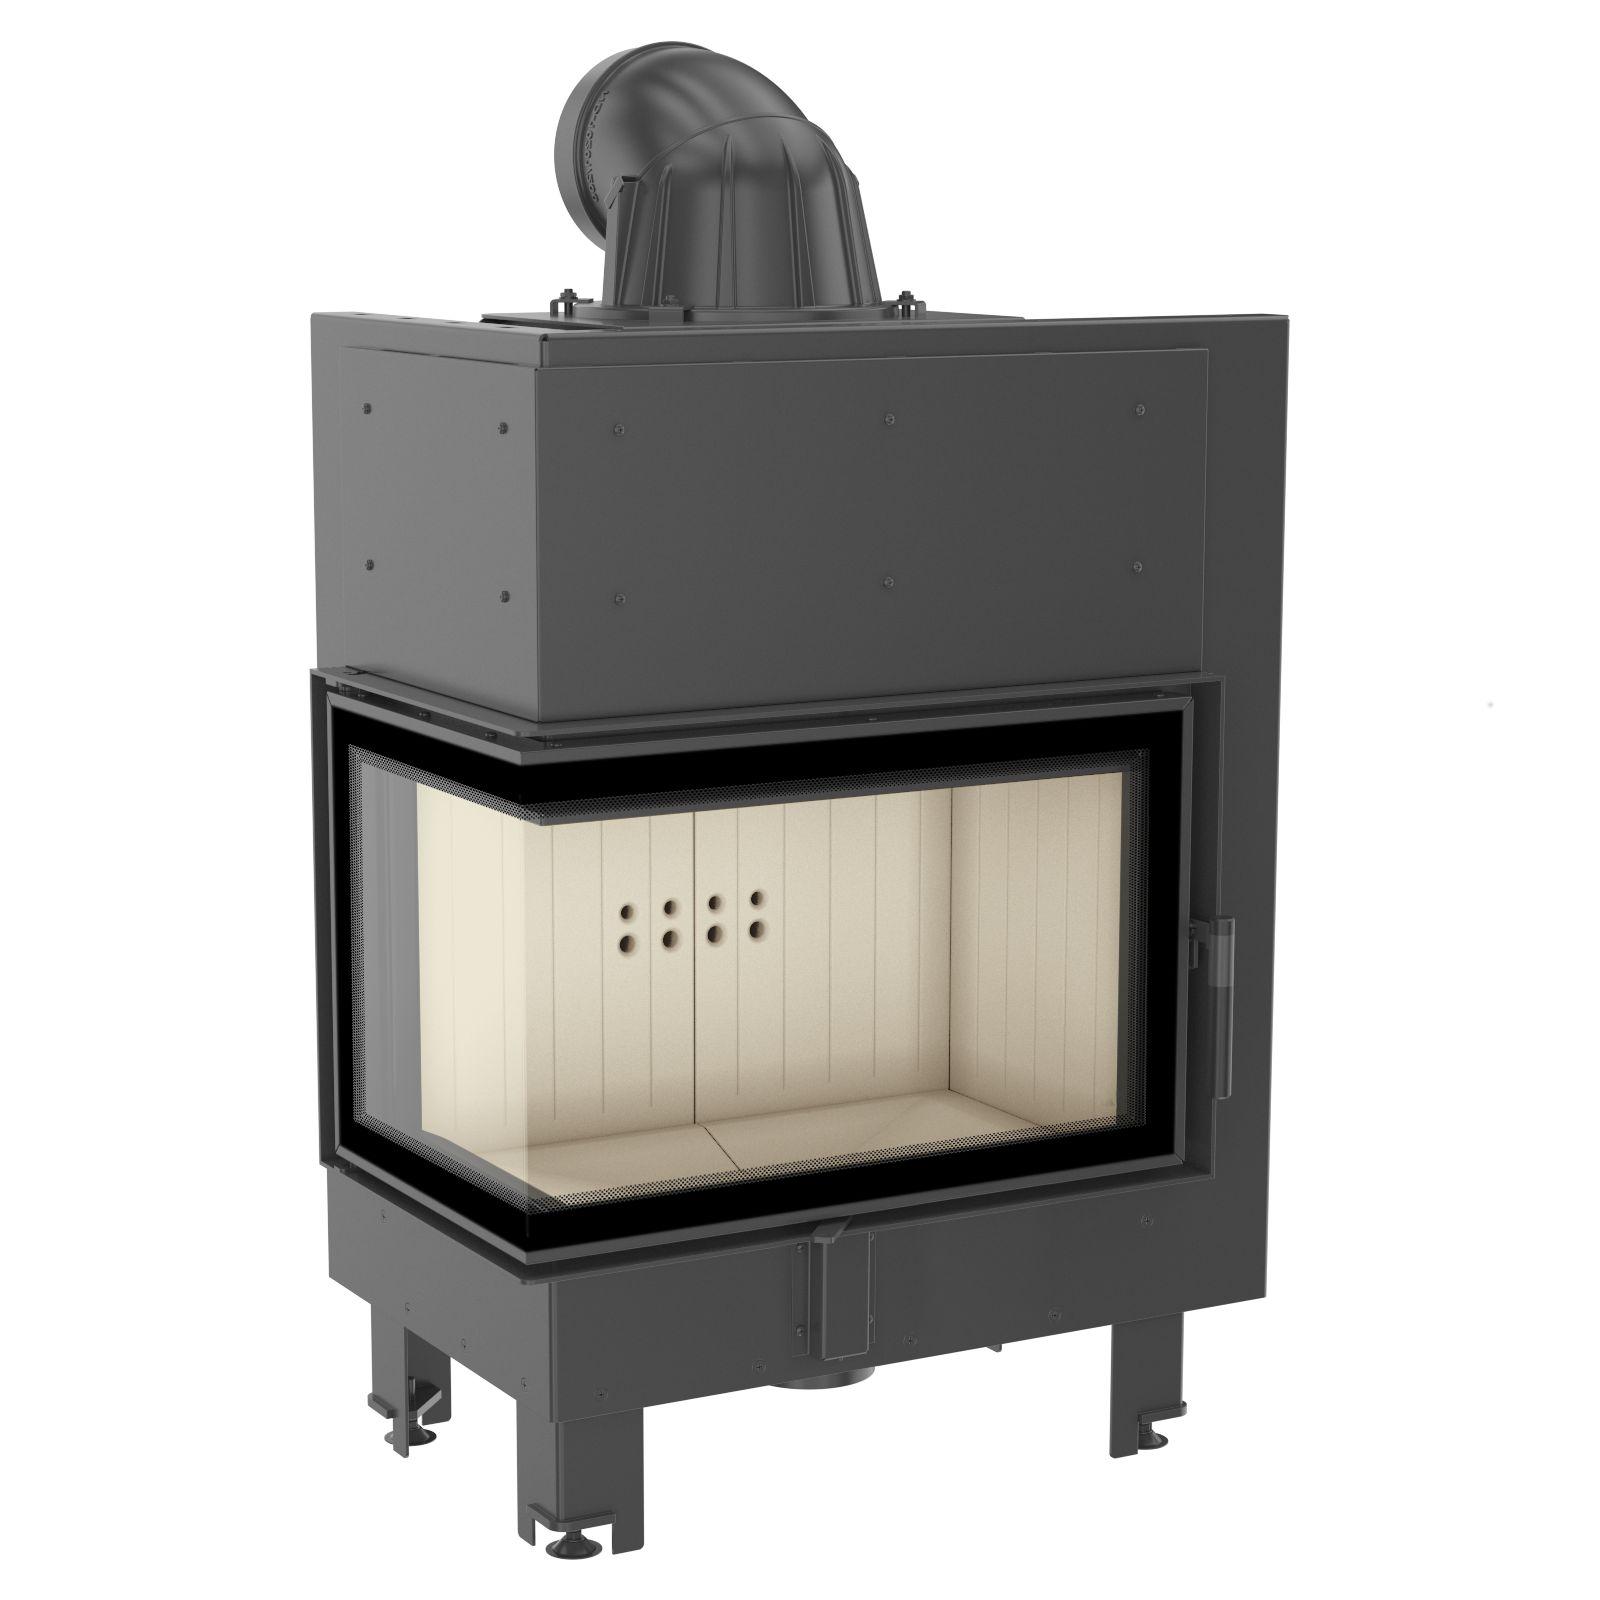 kamineinsatz kratki mbm 10 kw linke seitenscheibe. Black Bedroom Furniture Sets. Home Design Ideas